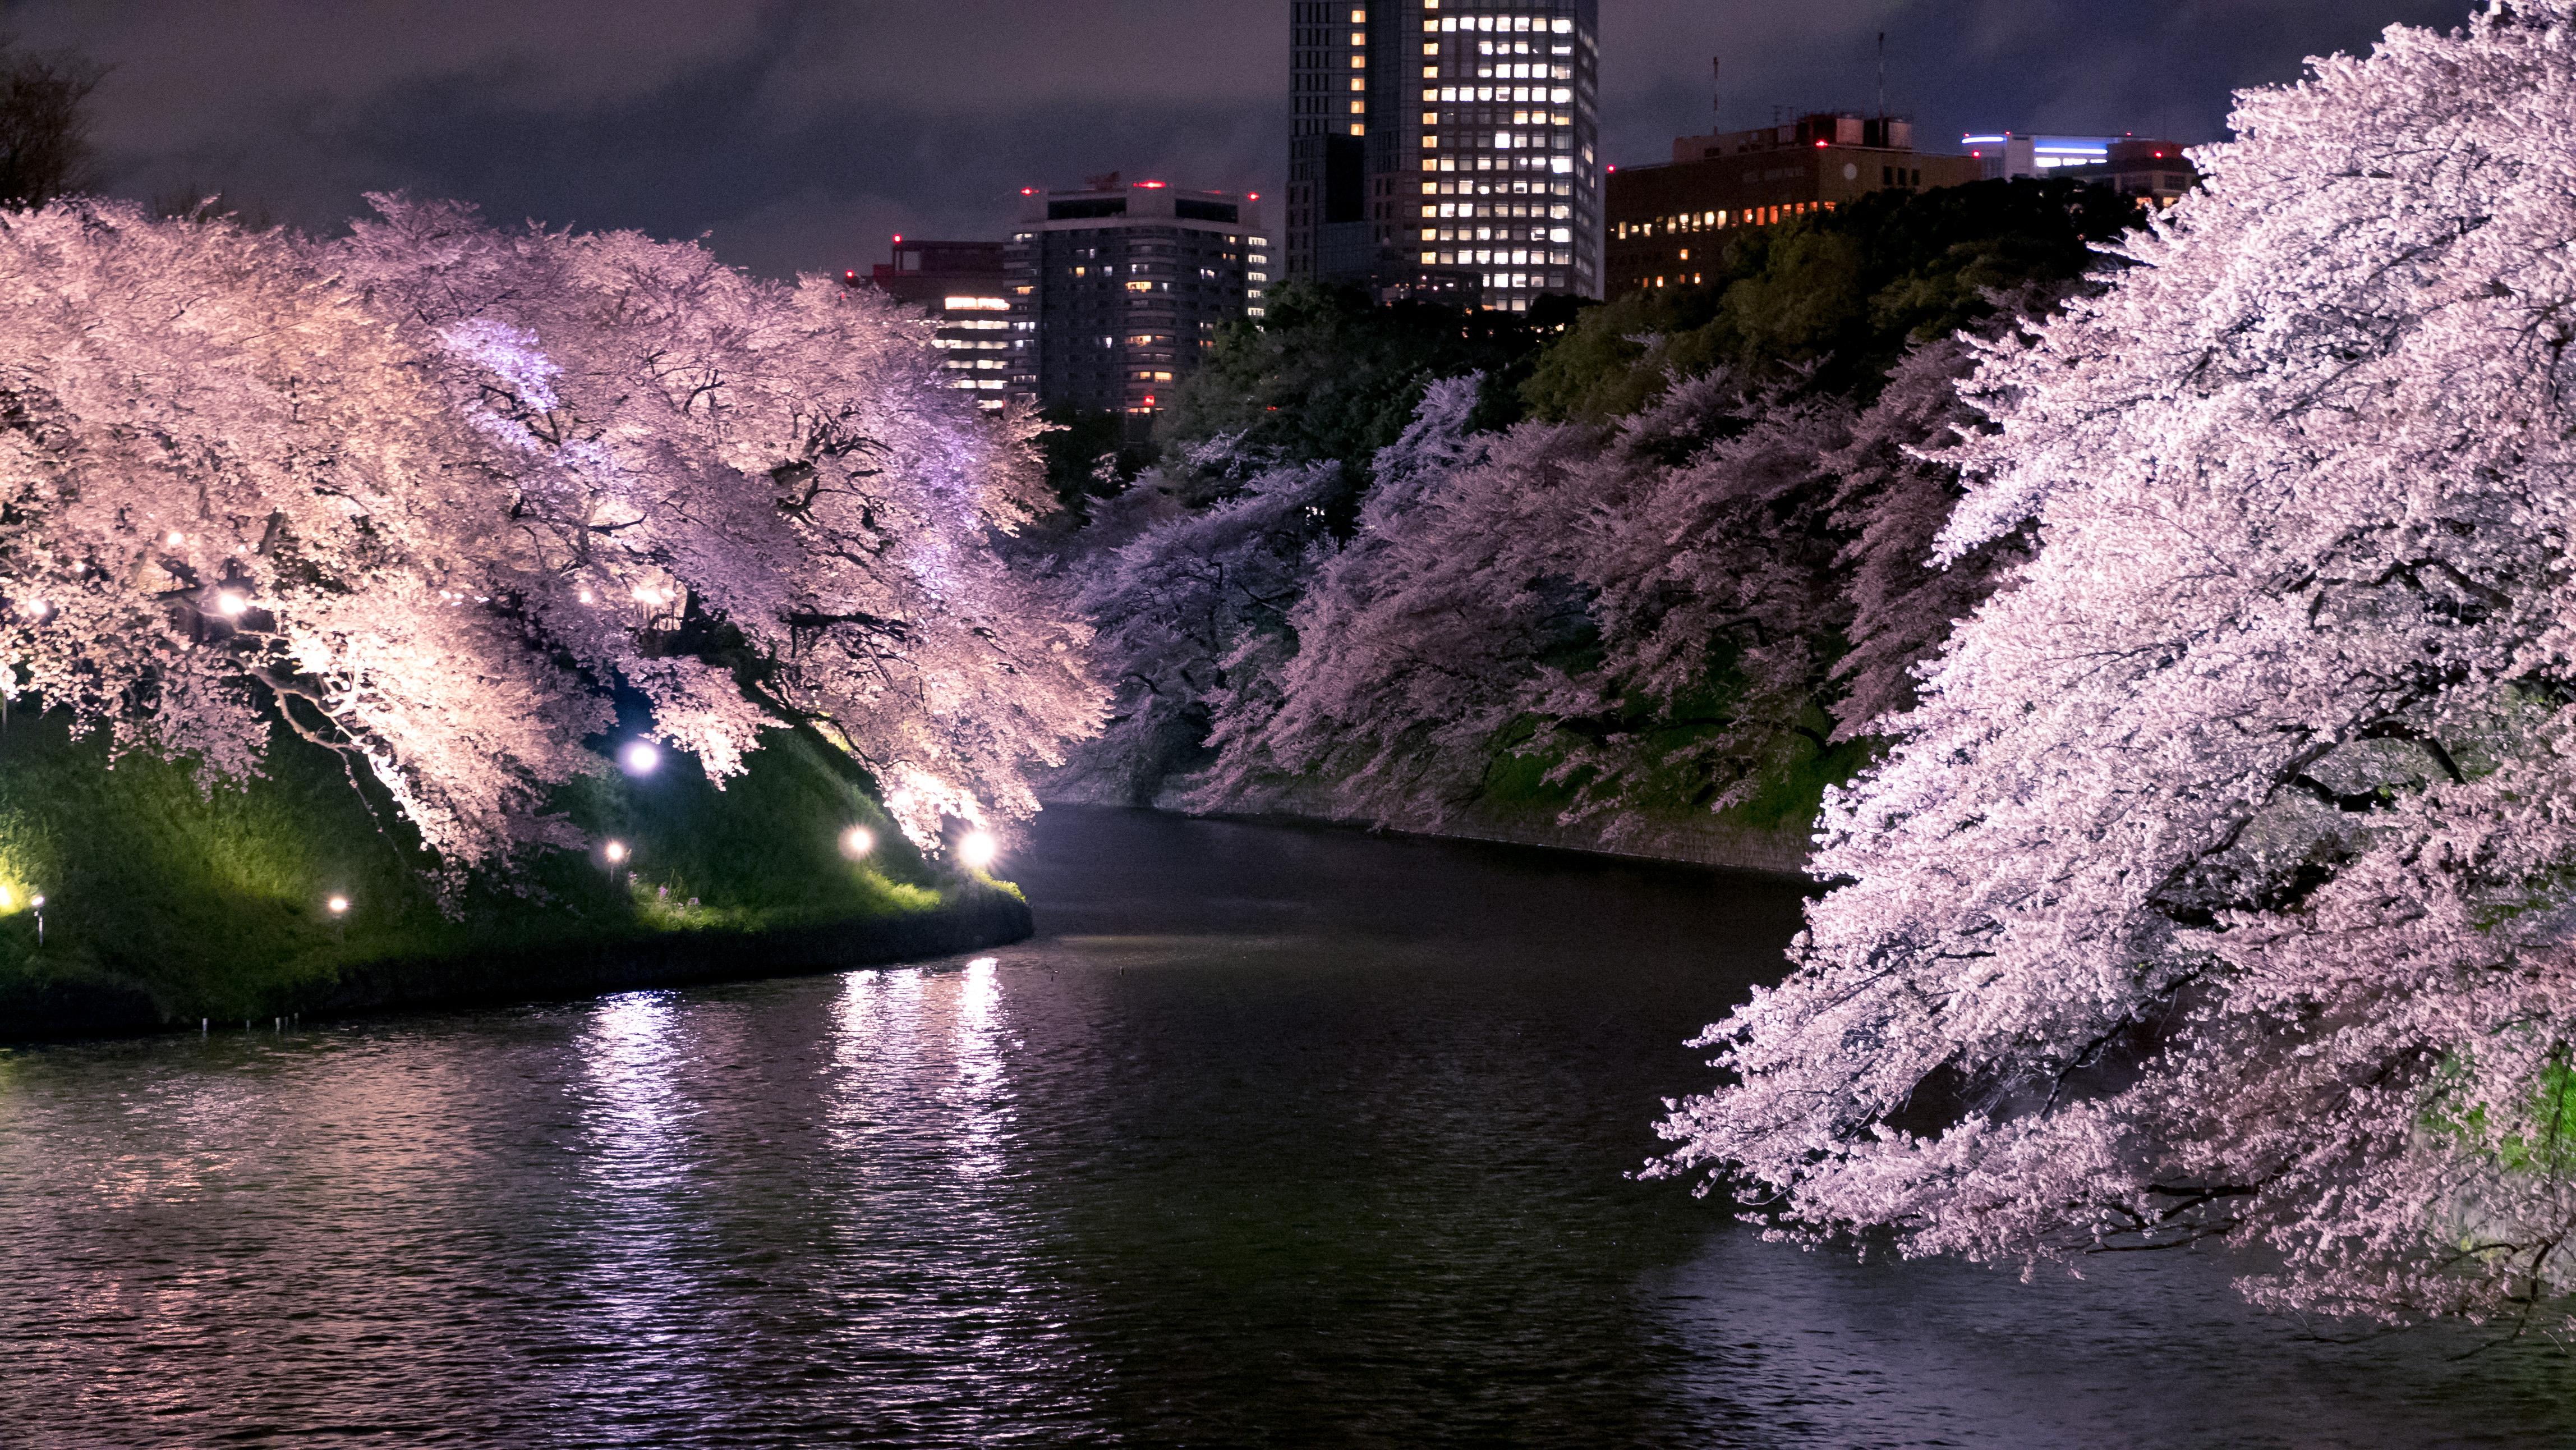 Обои Пейзаж, Весна, Вода. Города foto 6